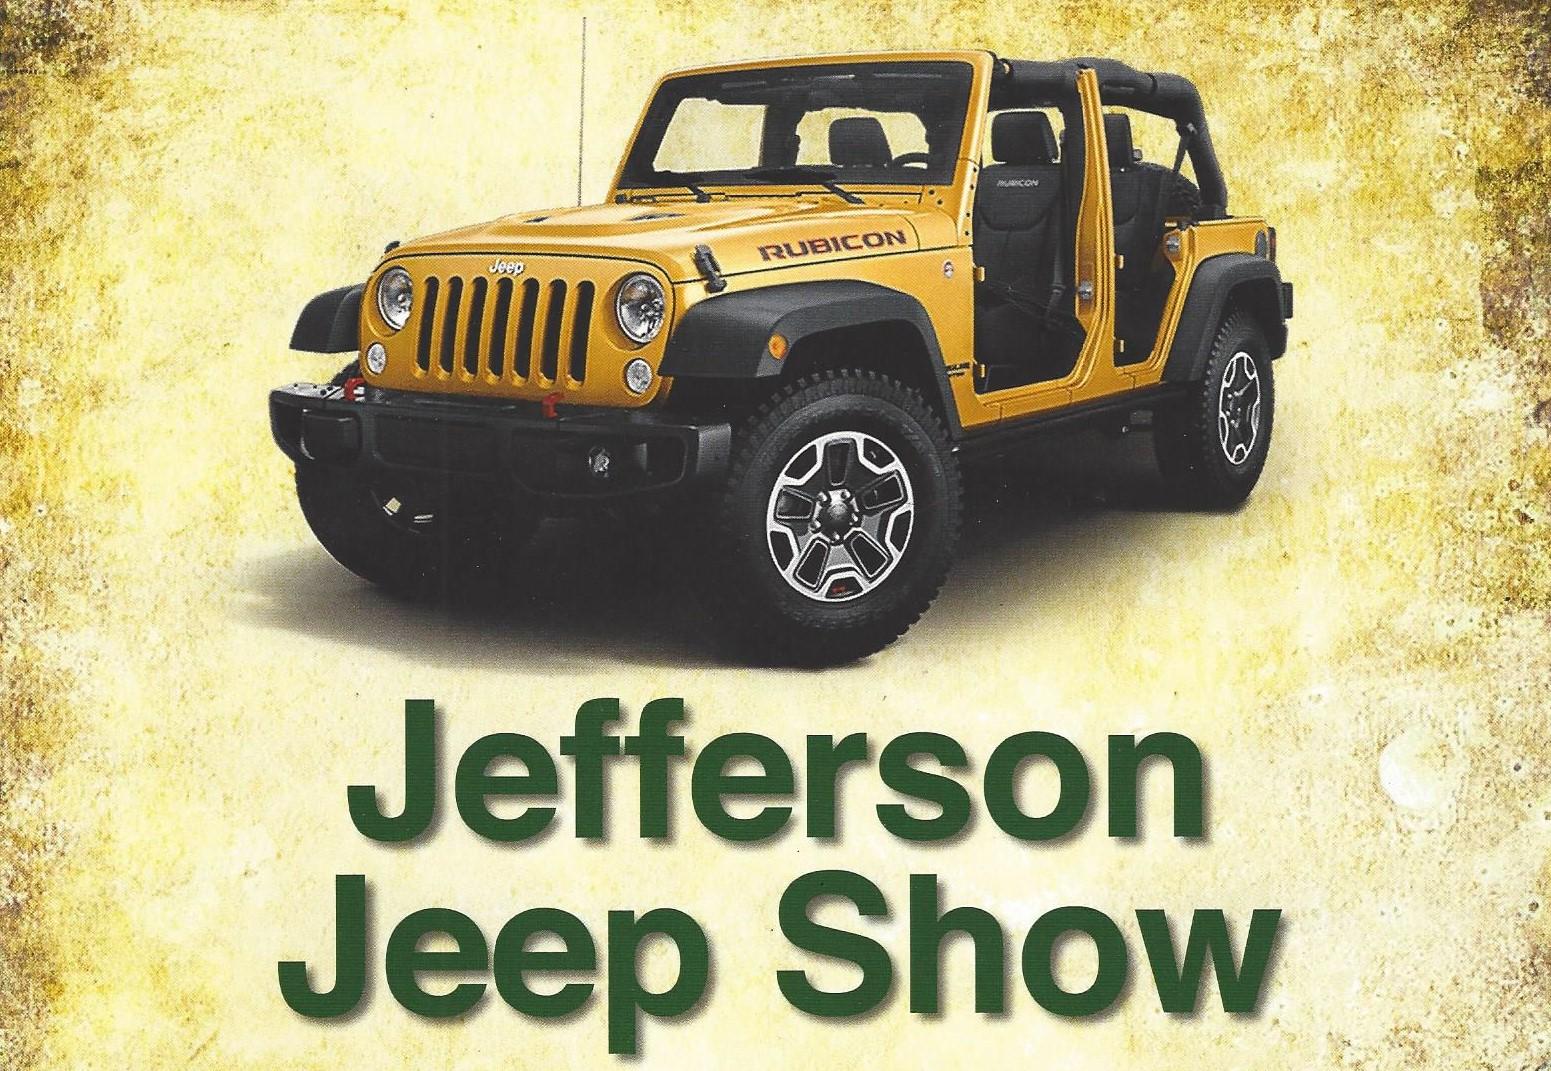 Jefferson Jeep Show